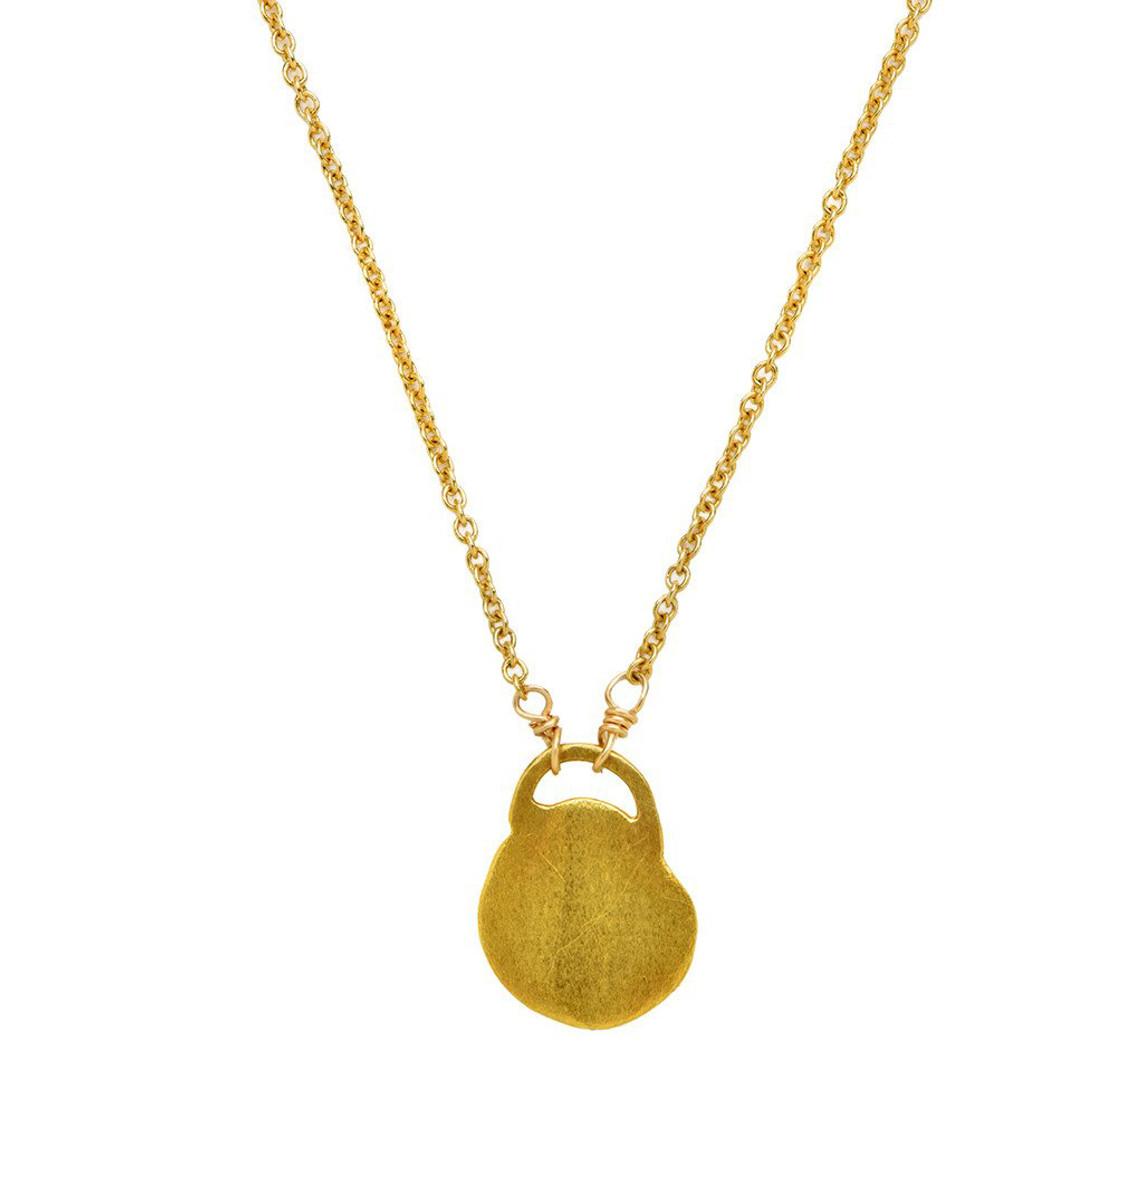 Golden Lock Necklace by Nava Zahavi - New Arrival